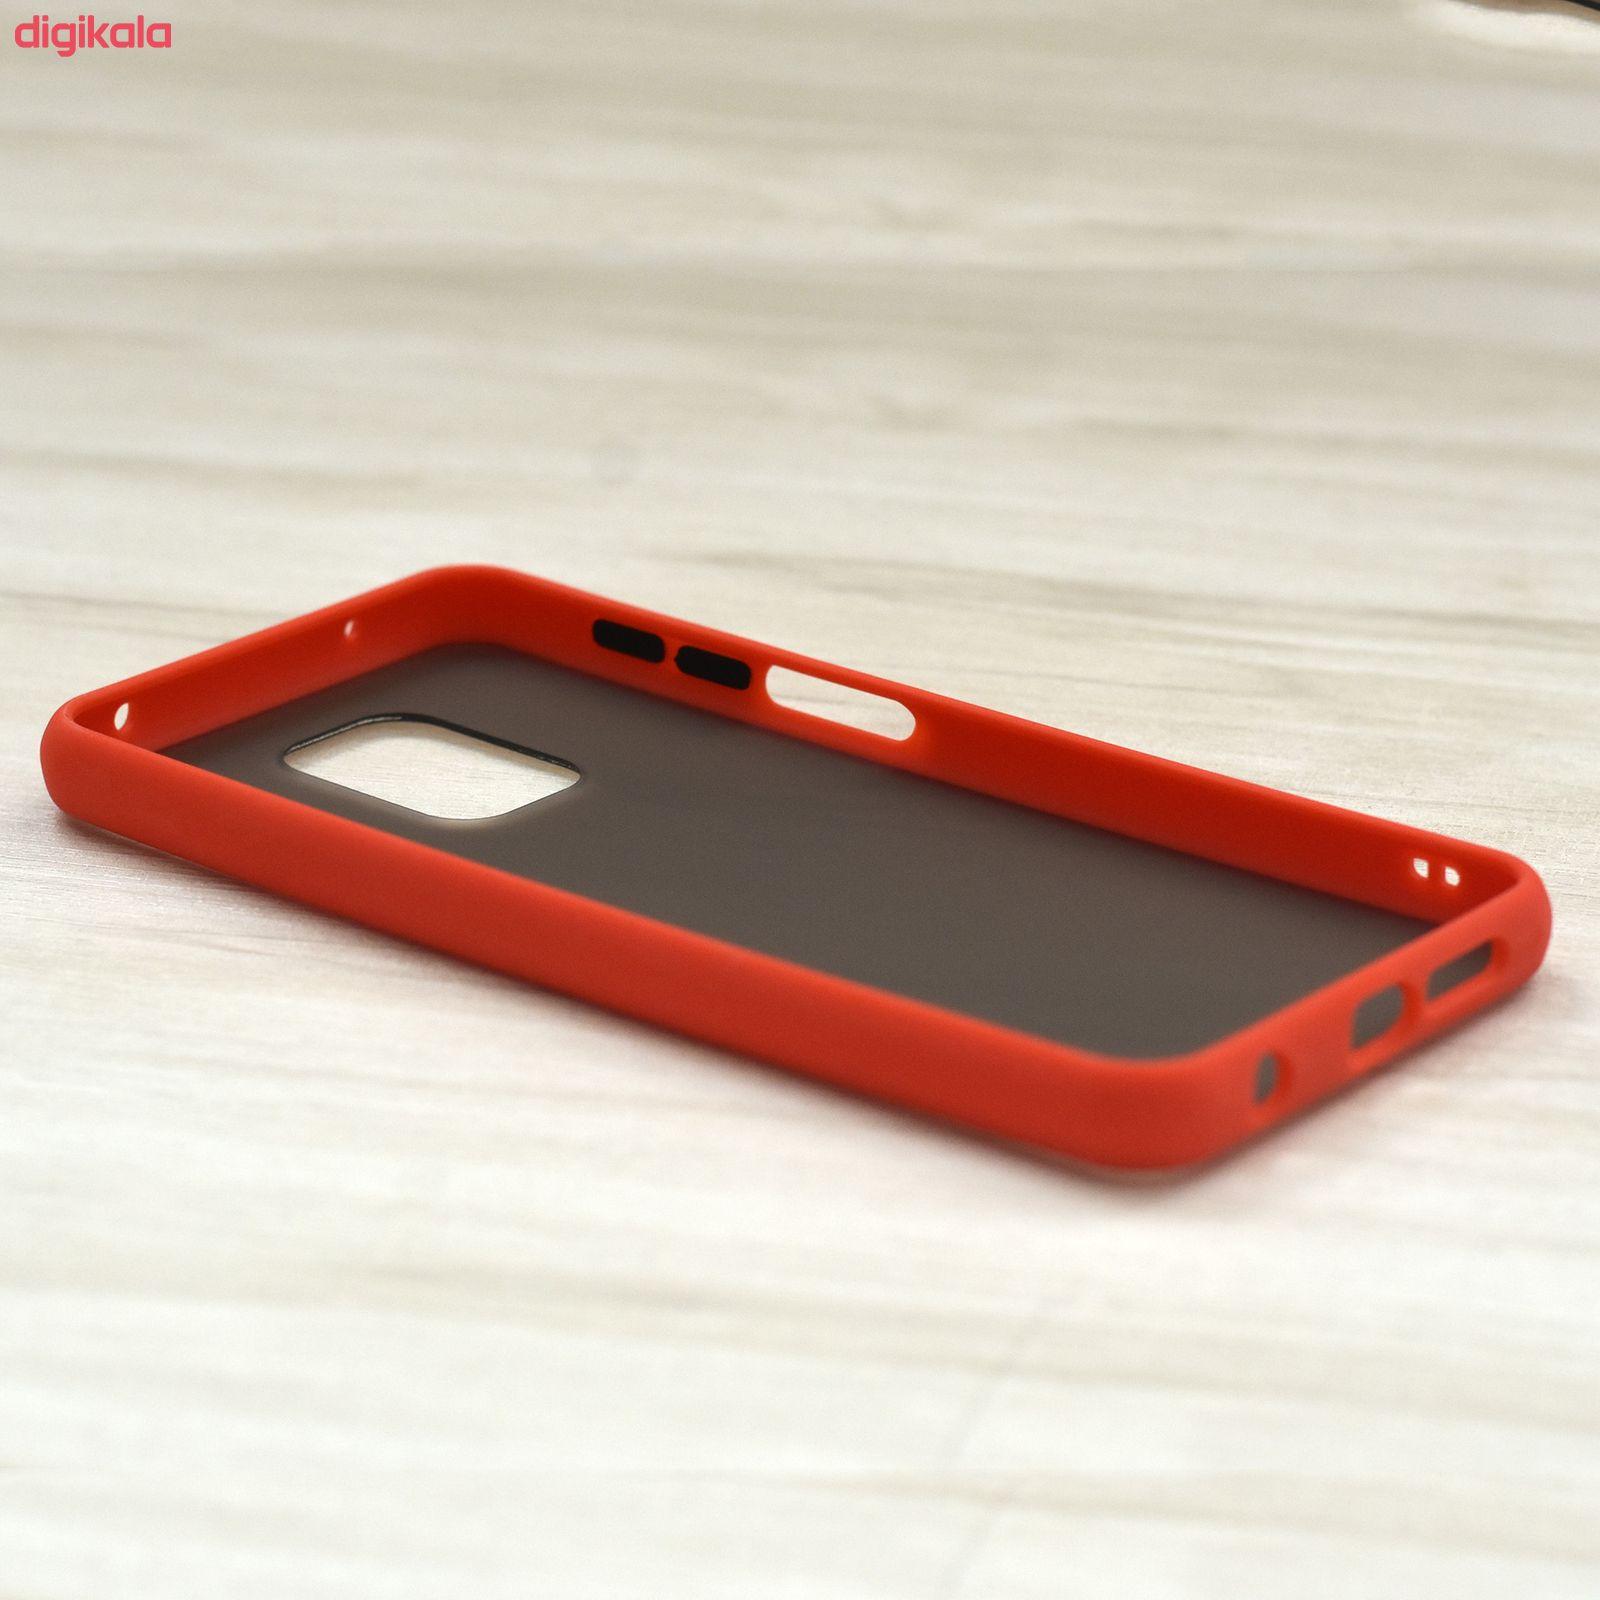 کاور مدل Slico01 مناسب برای گوشی موبایل شیائومی Redmi Note 9S / 9 Pro main 1 10